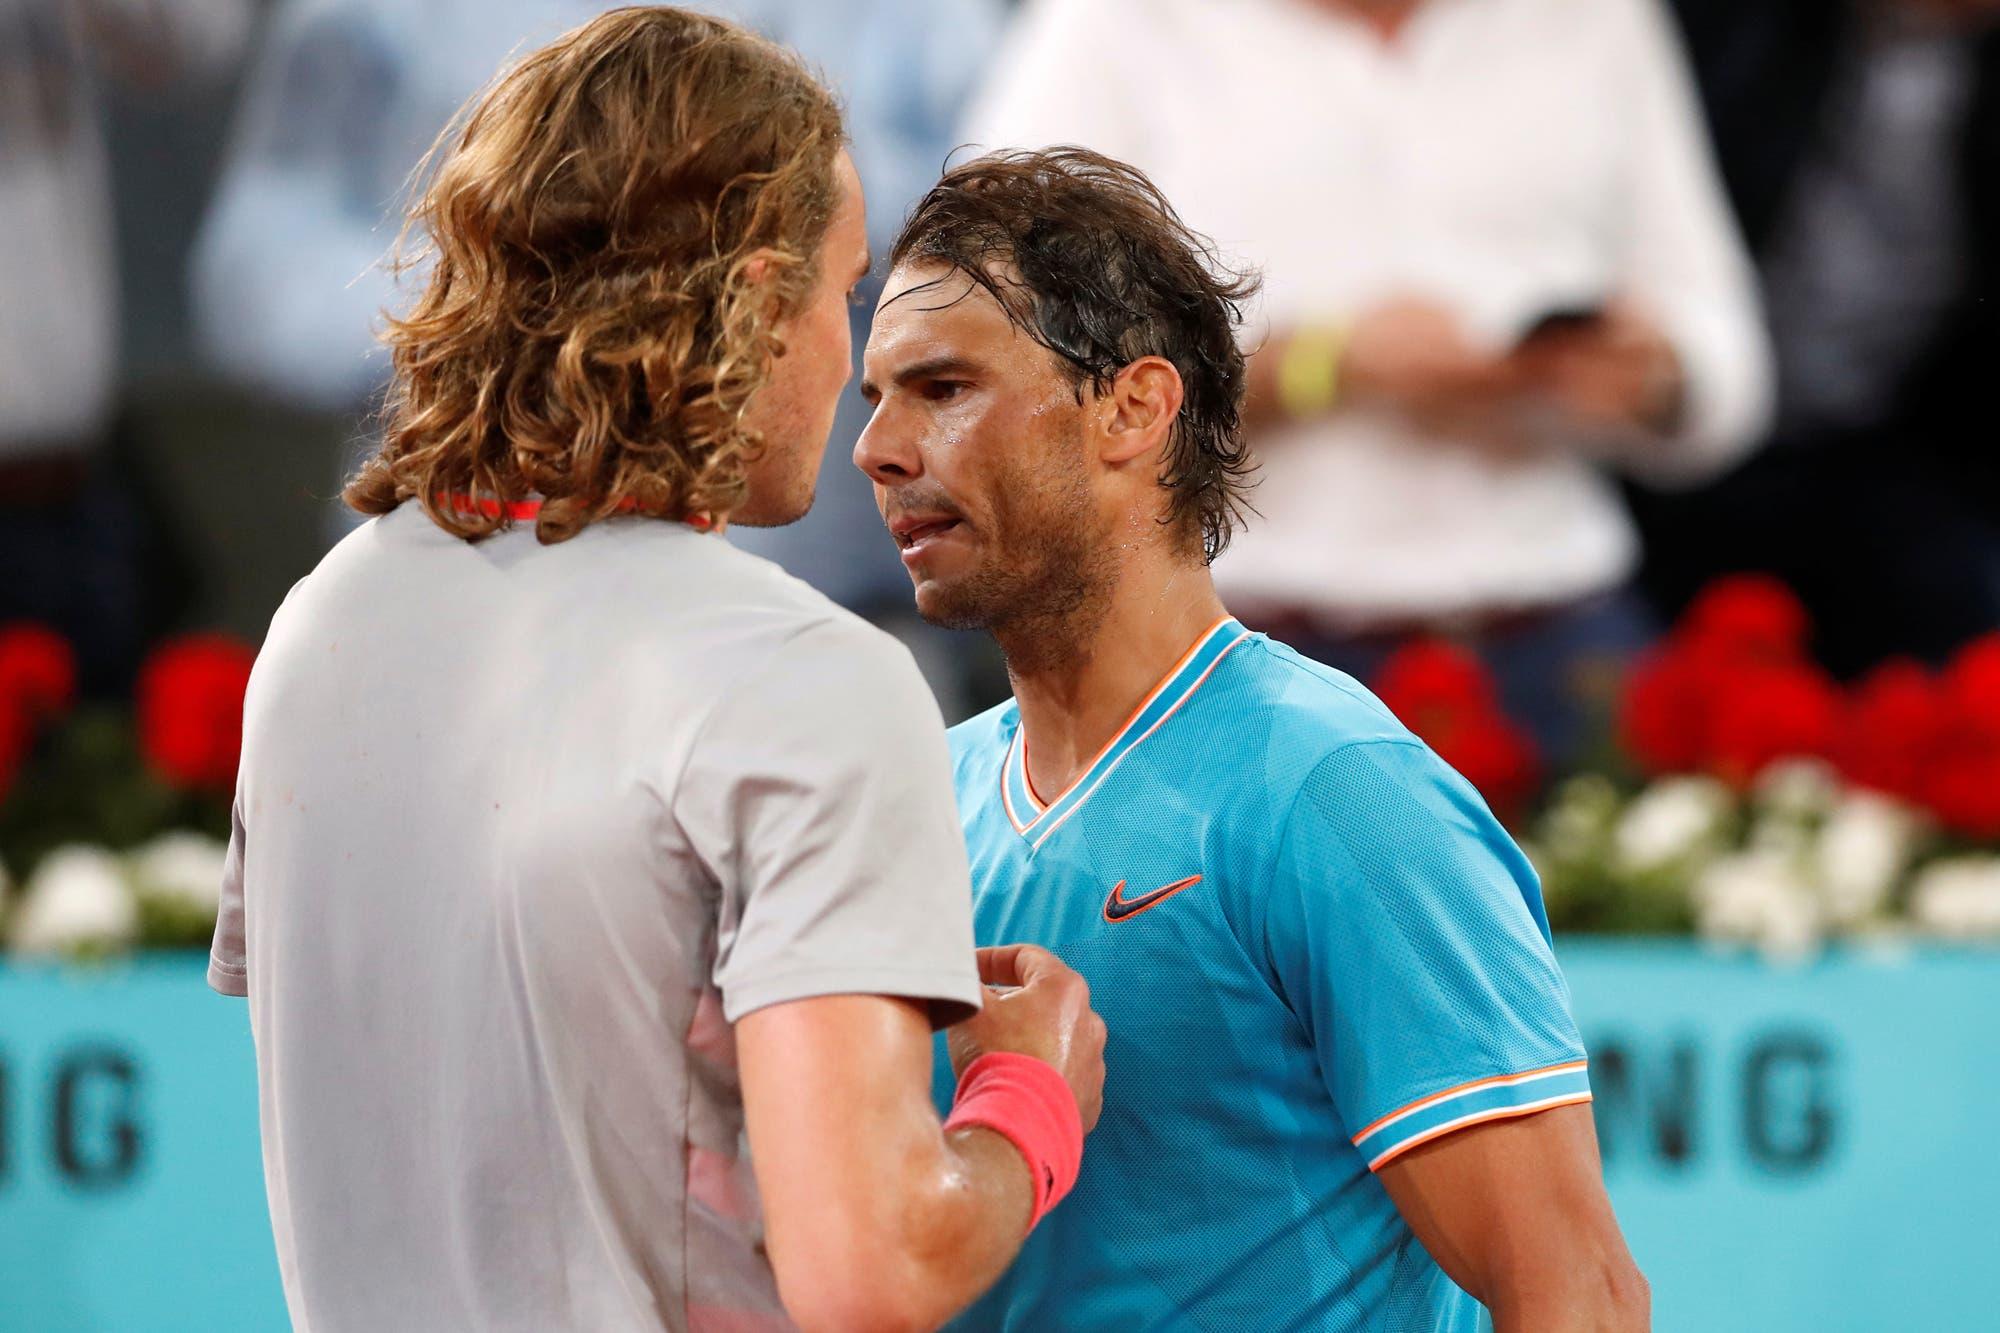 Tsitsipas lo hizo: derrumbó a Nadal y se cita en la final de Madrid con Djokovic